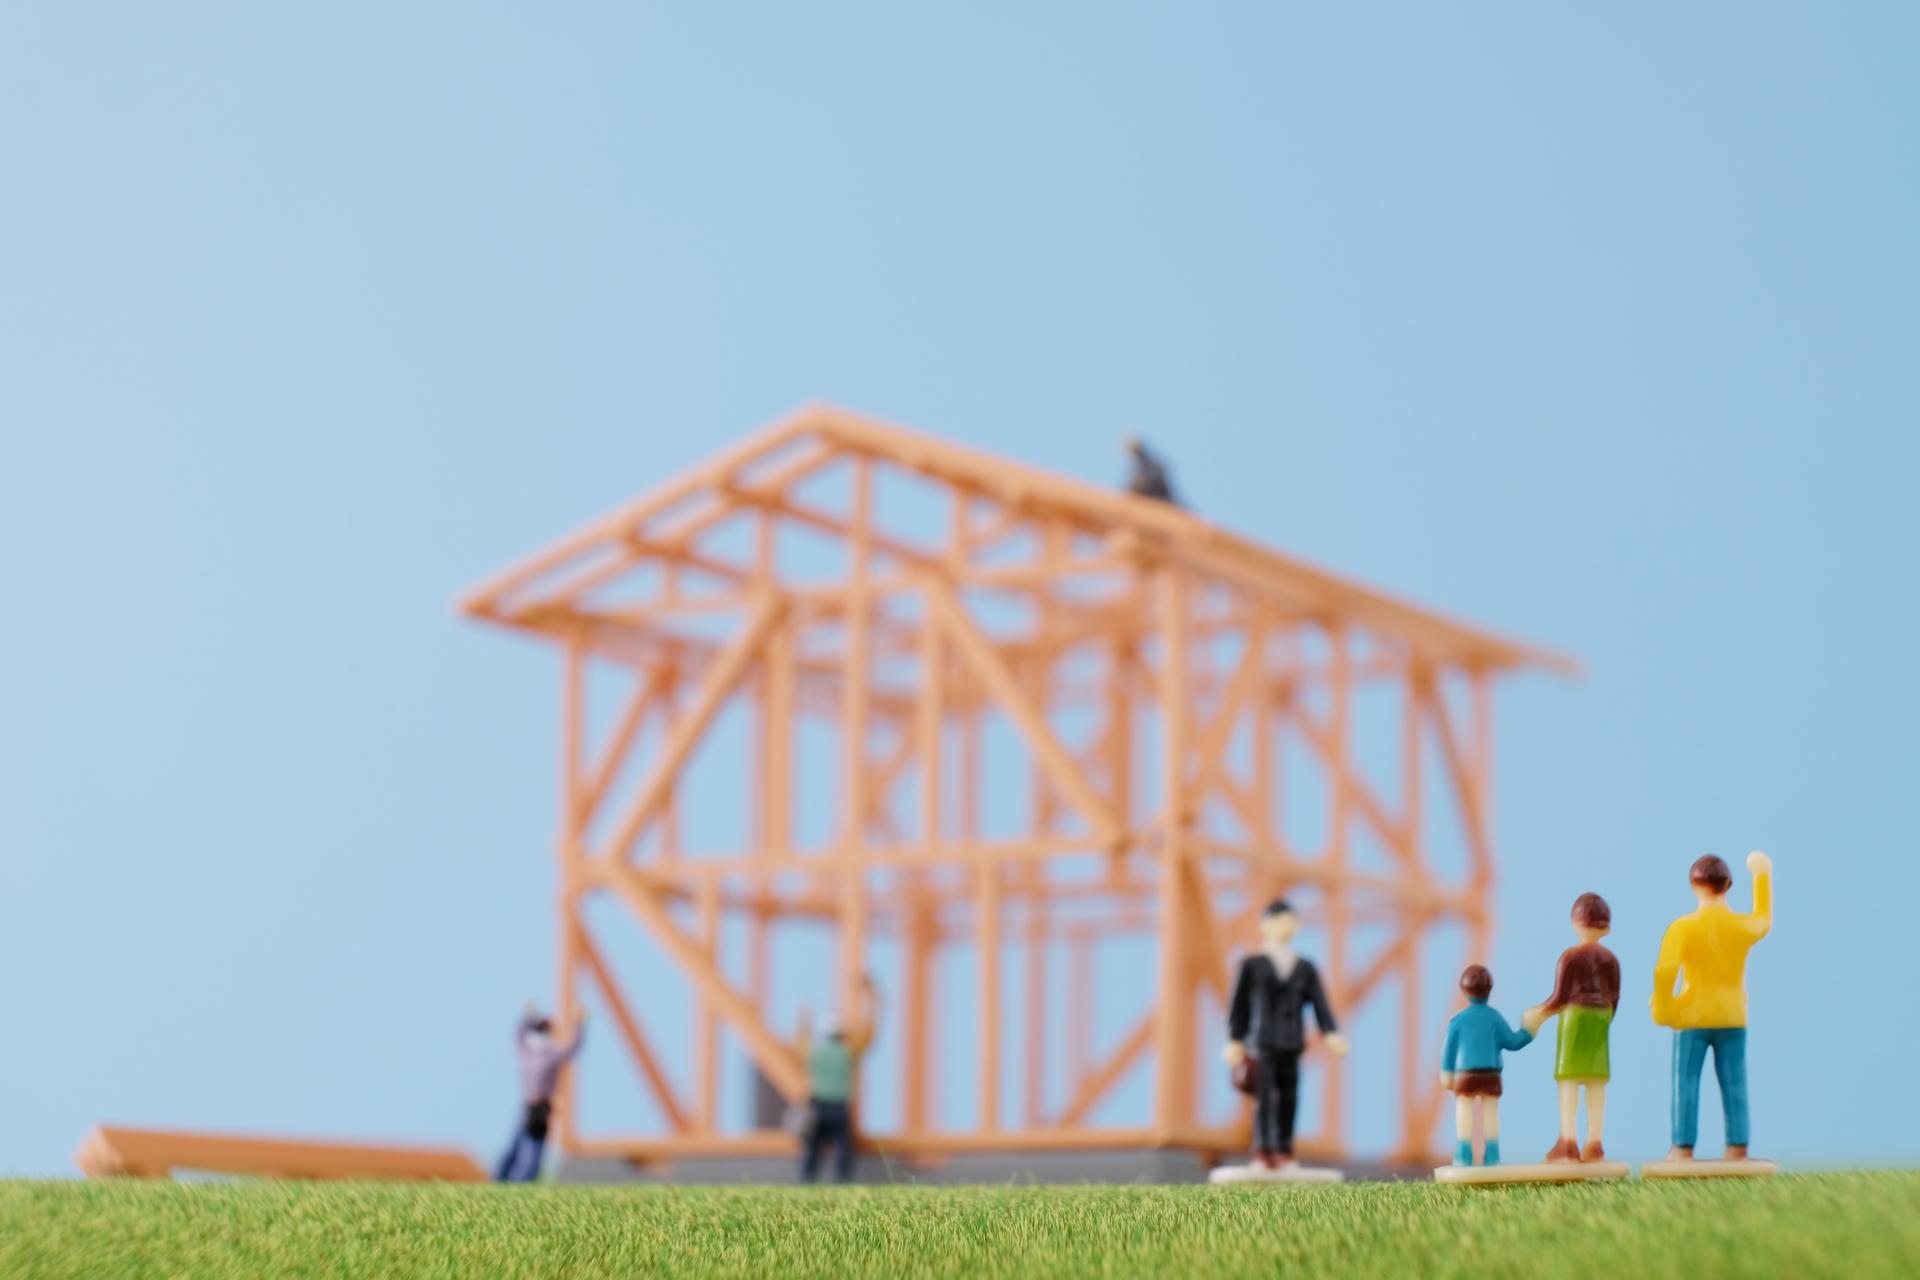 ハウスメーカー・工務店・分譲系不動産ビルダー・設計事務所の種類がある